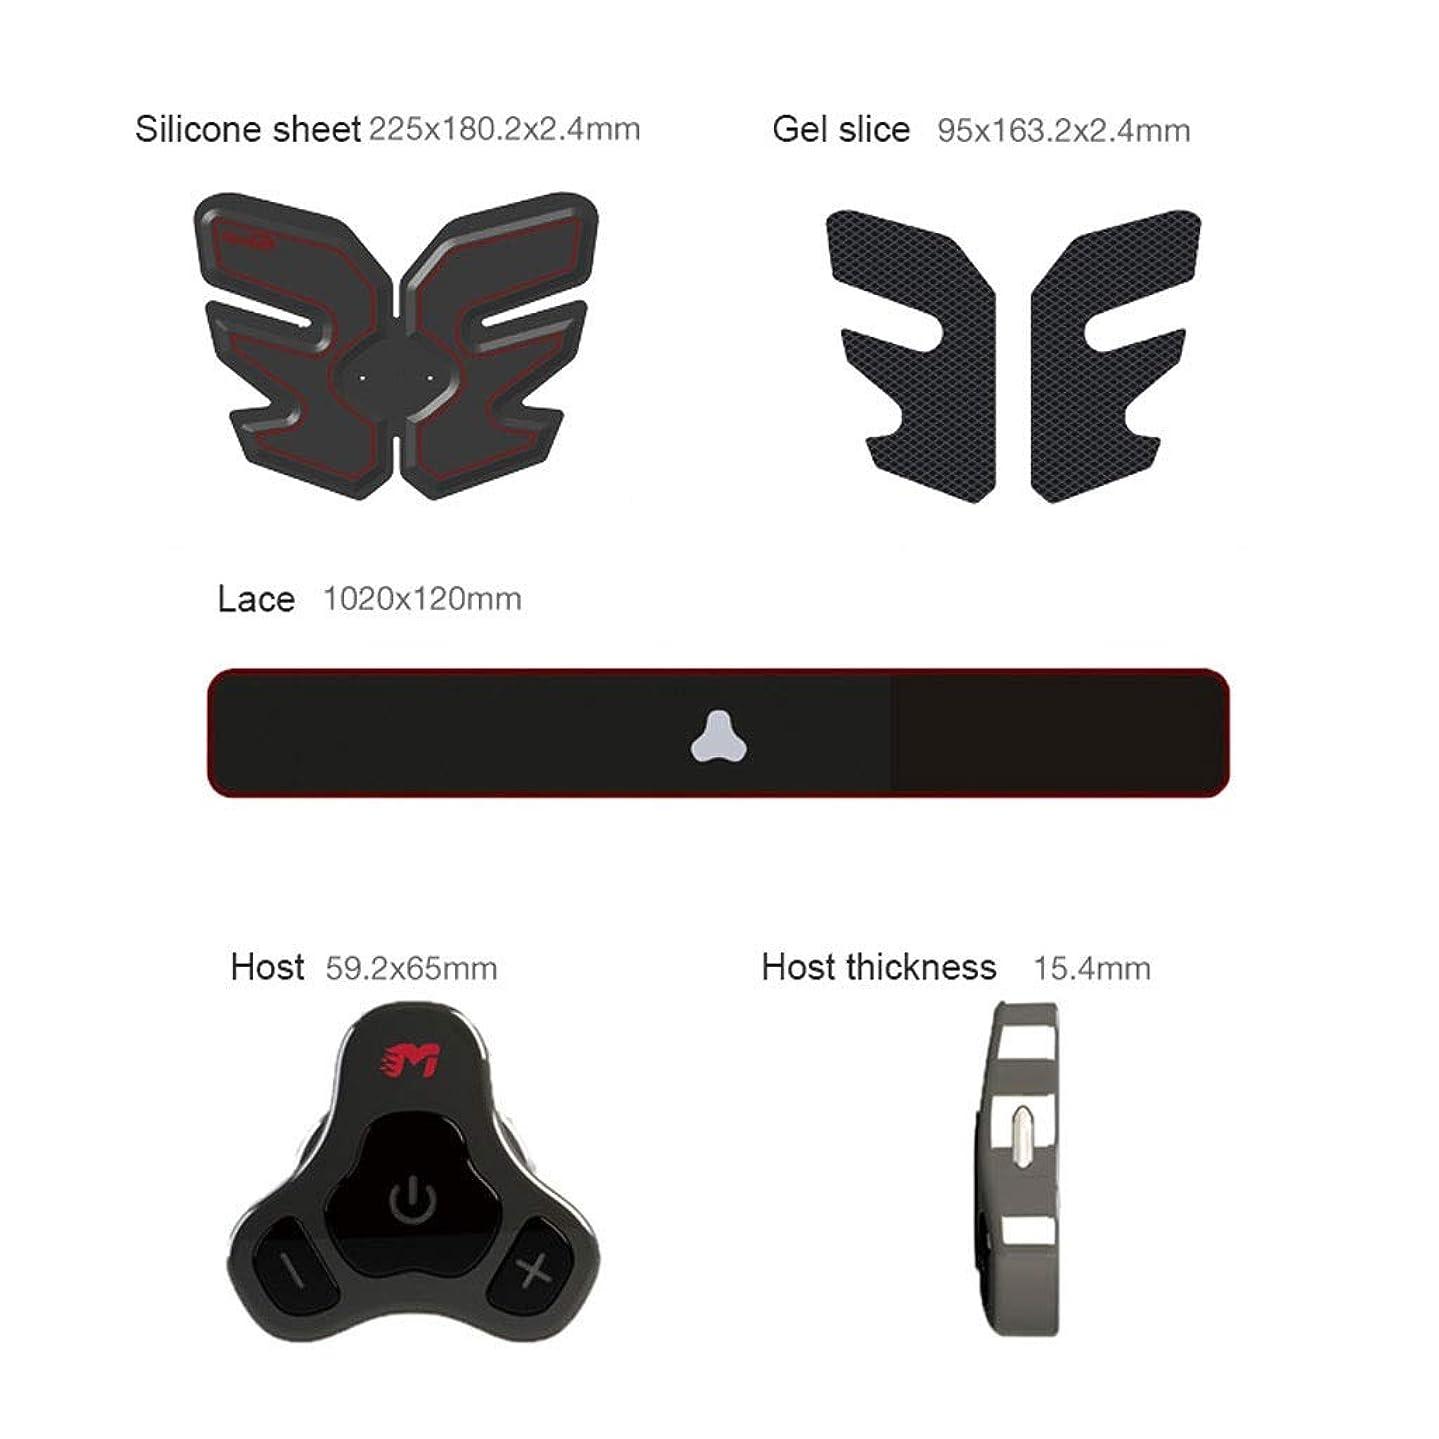 偏差見つけた依存Abベルト、筋肉刺激装置、EMS Abs Trainer腹部ベルトUSB充電式筋肉用トナーAbs Arms脚用Absサポートベルト&男性用?女性用 (Size : Host+Belly paste)